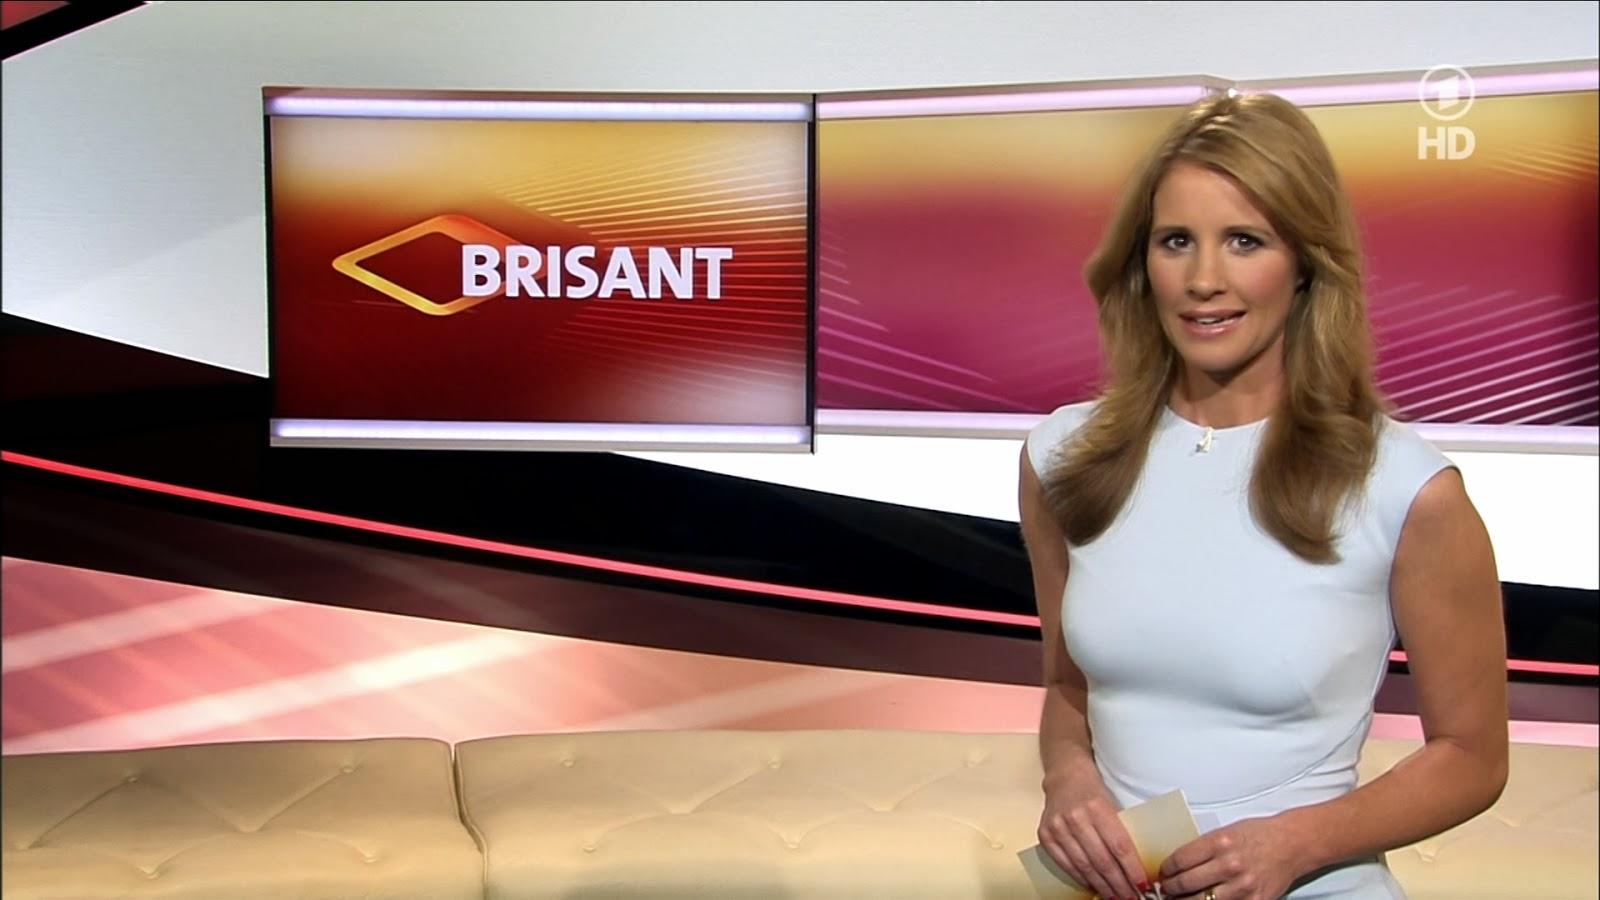 Mareile Höppner TV Moderatorin: März 2014